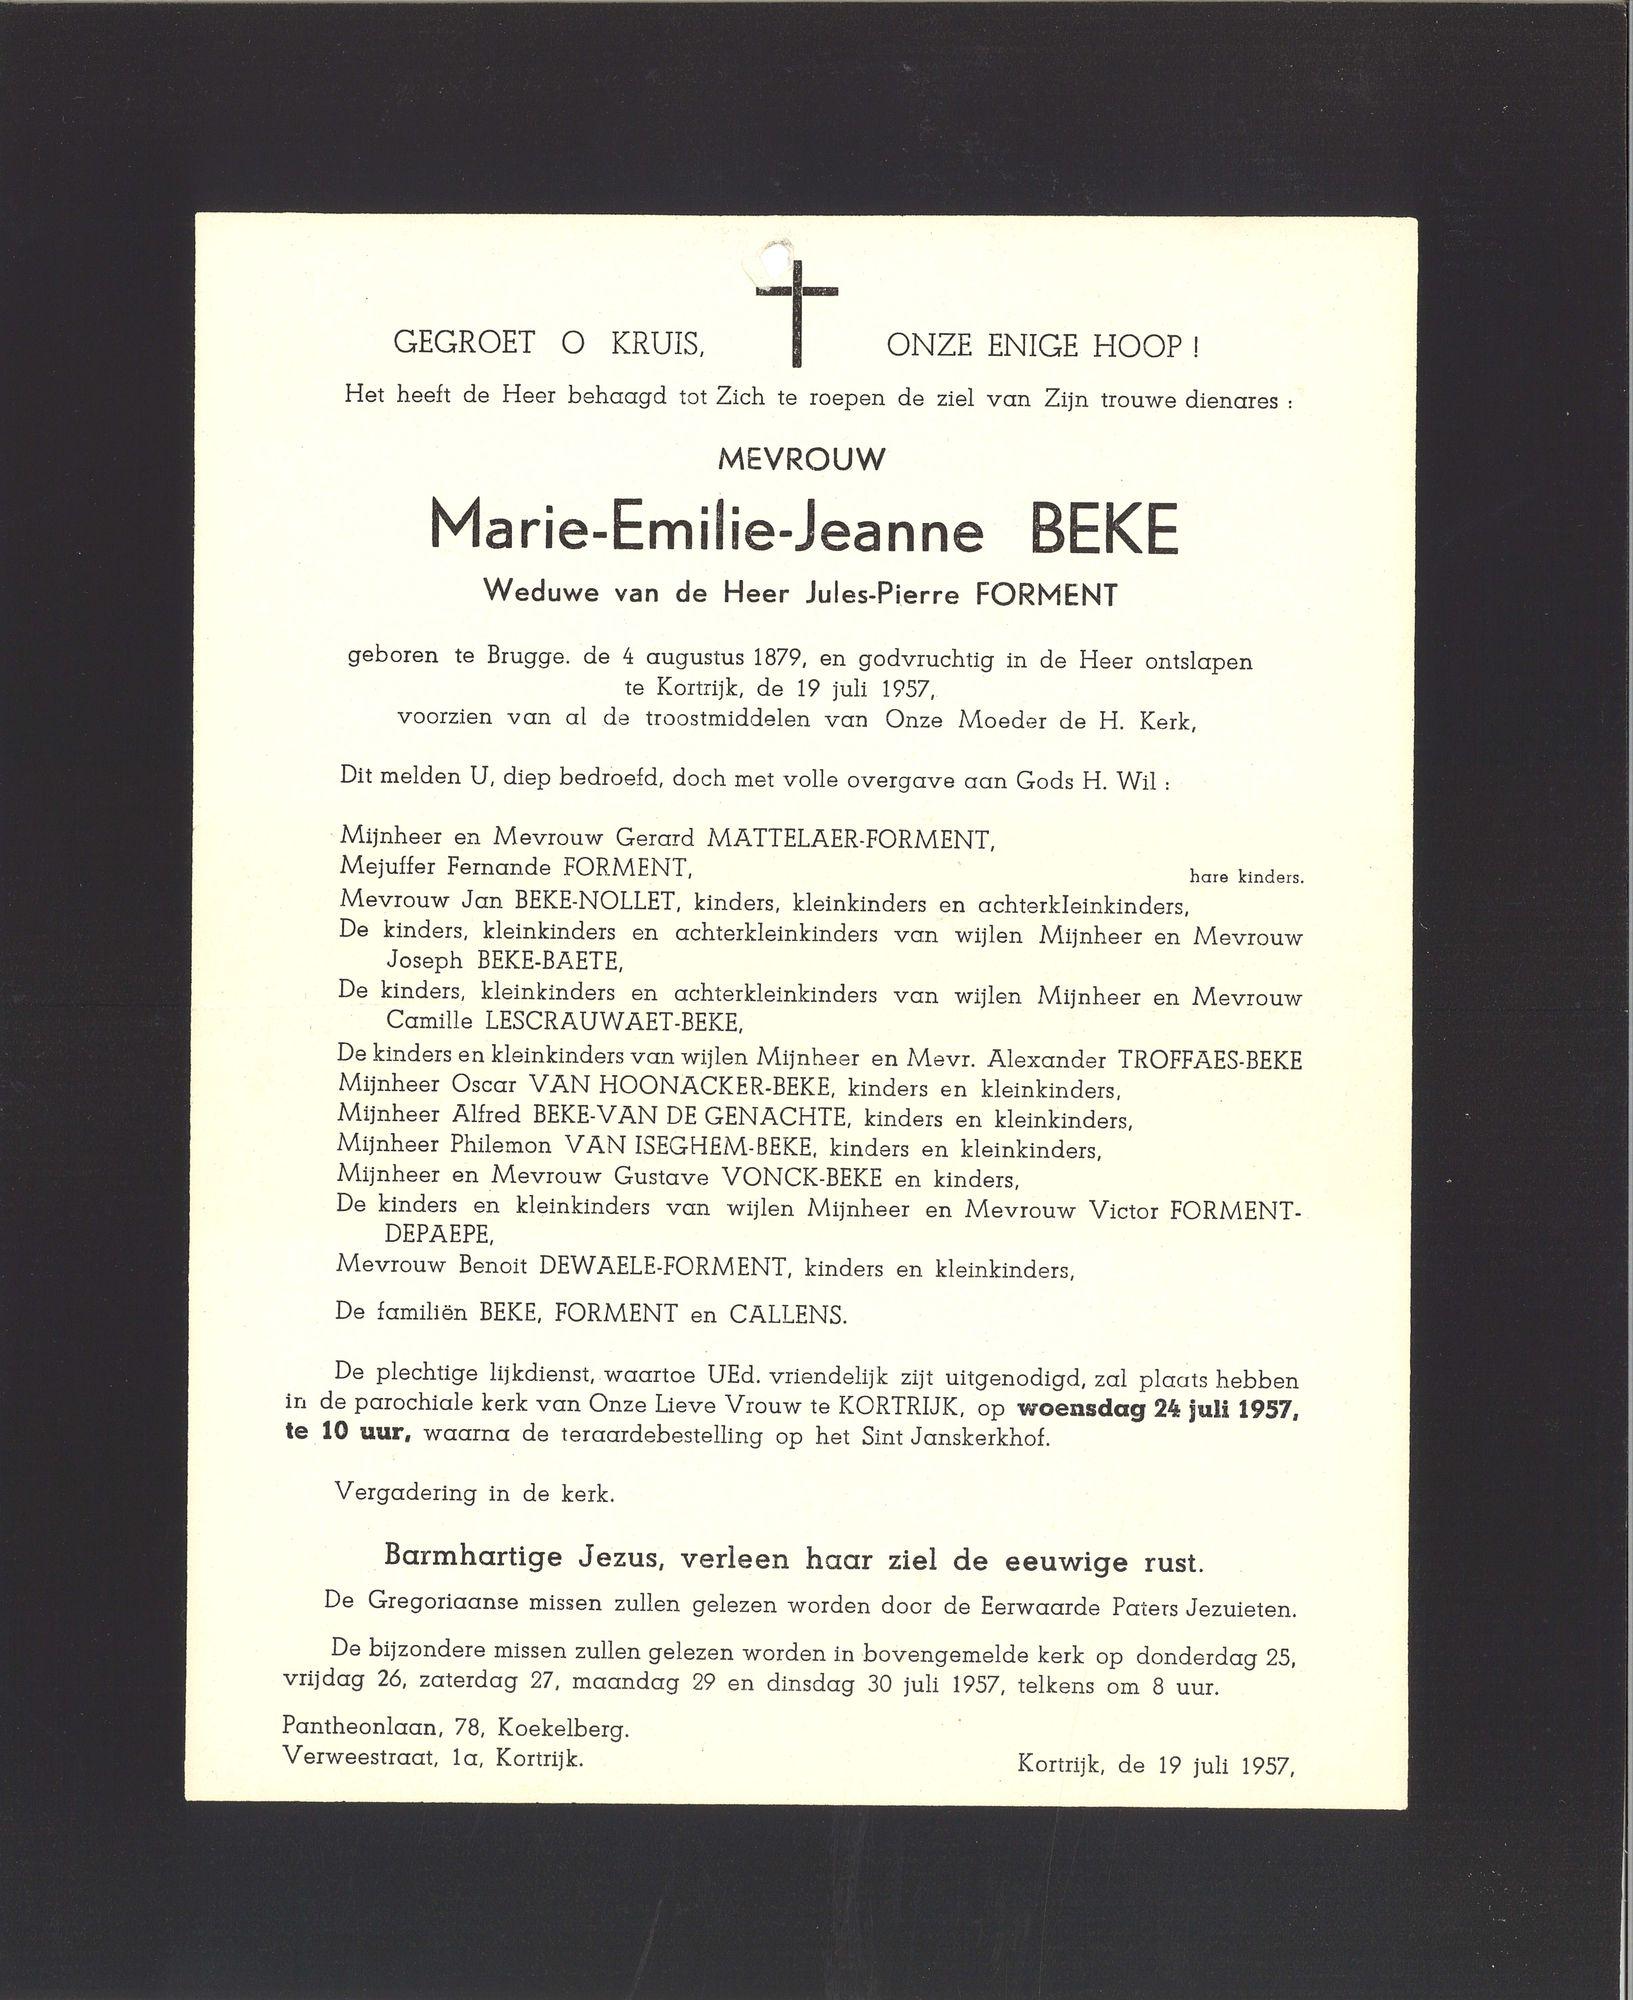 Marie-Emilie-Jeanne Beke